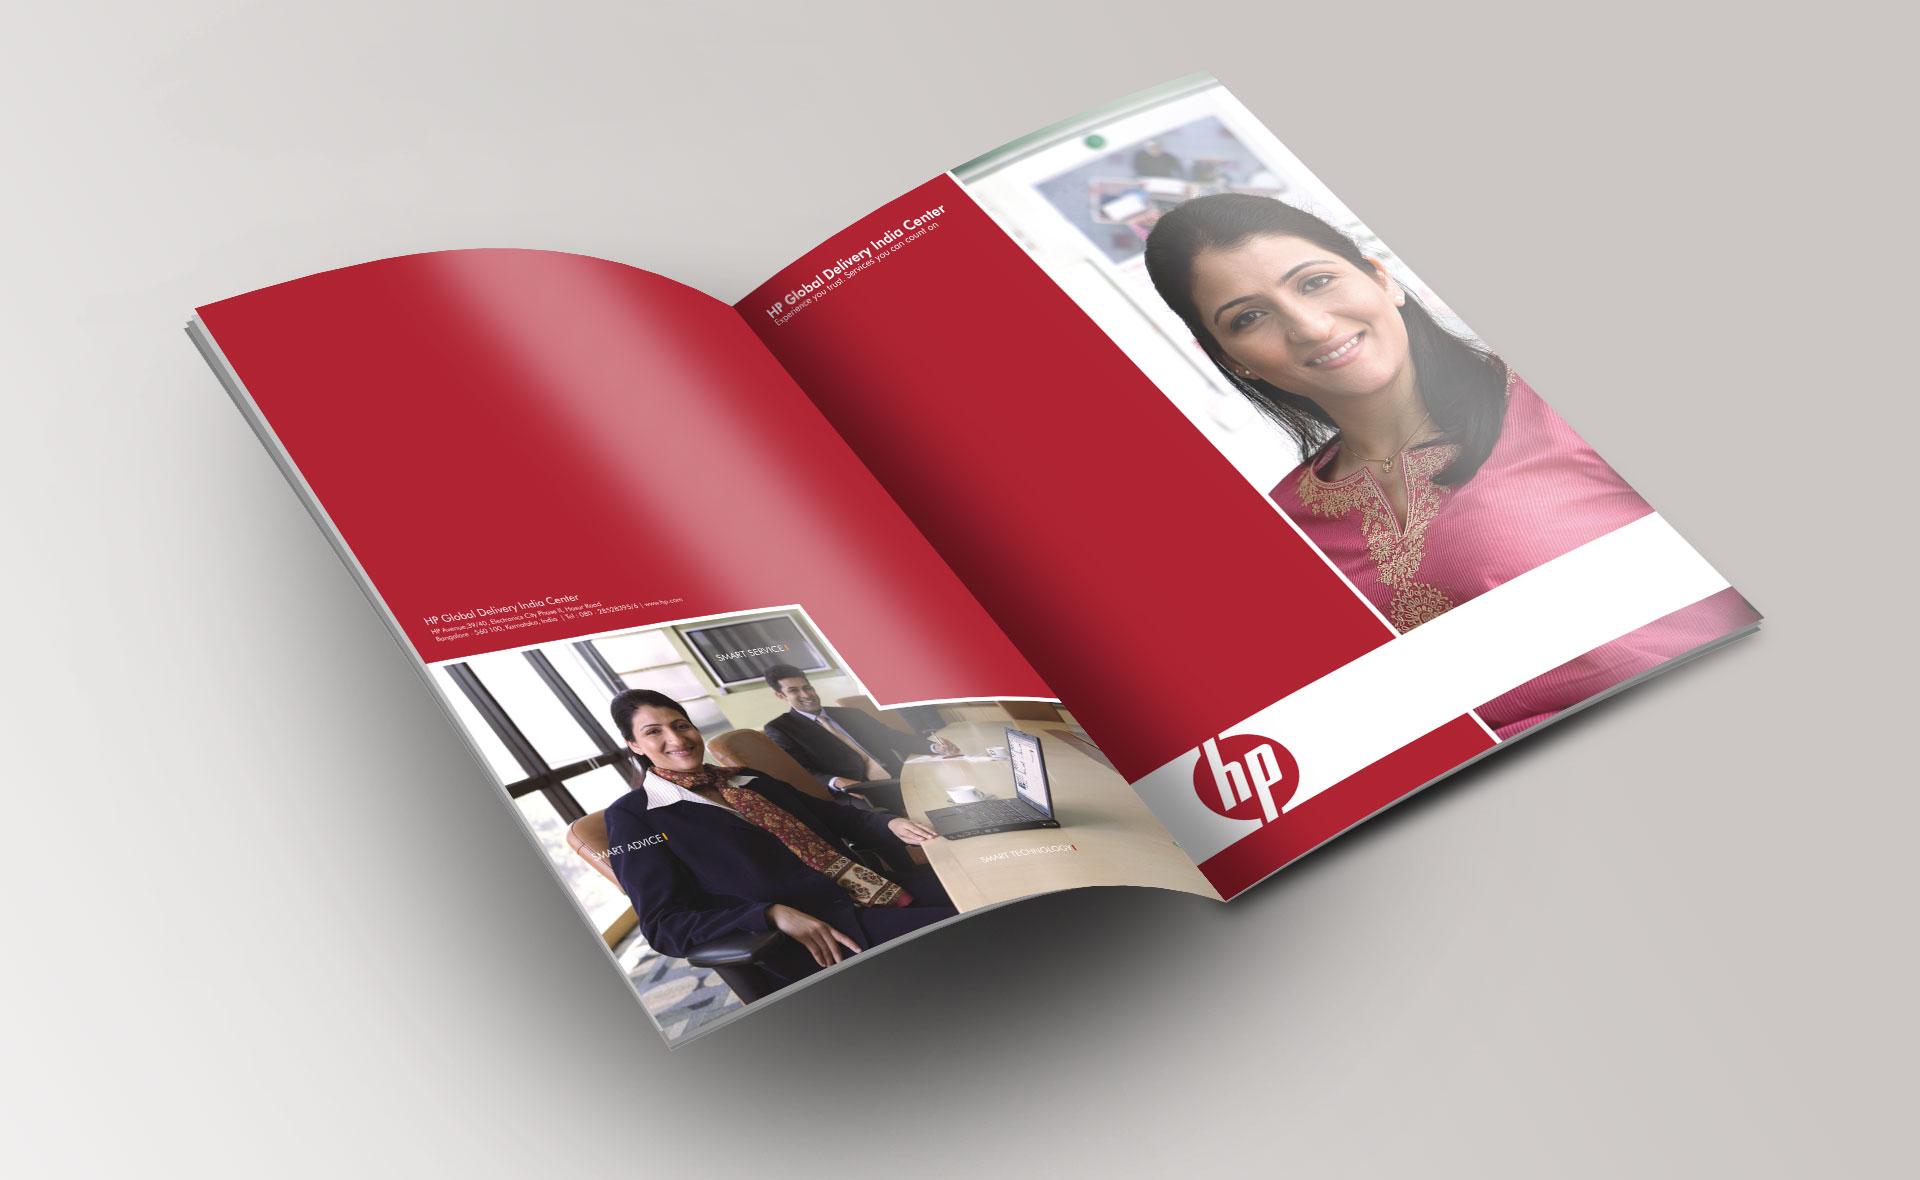 File Folder Design for Hewlett Packard - hp